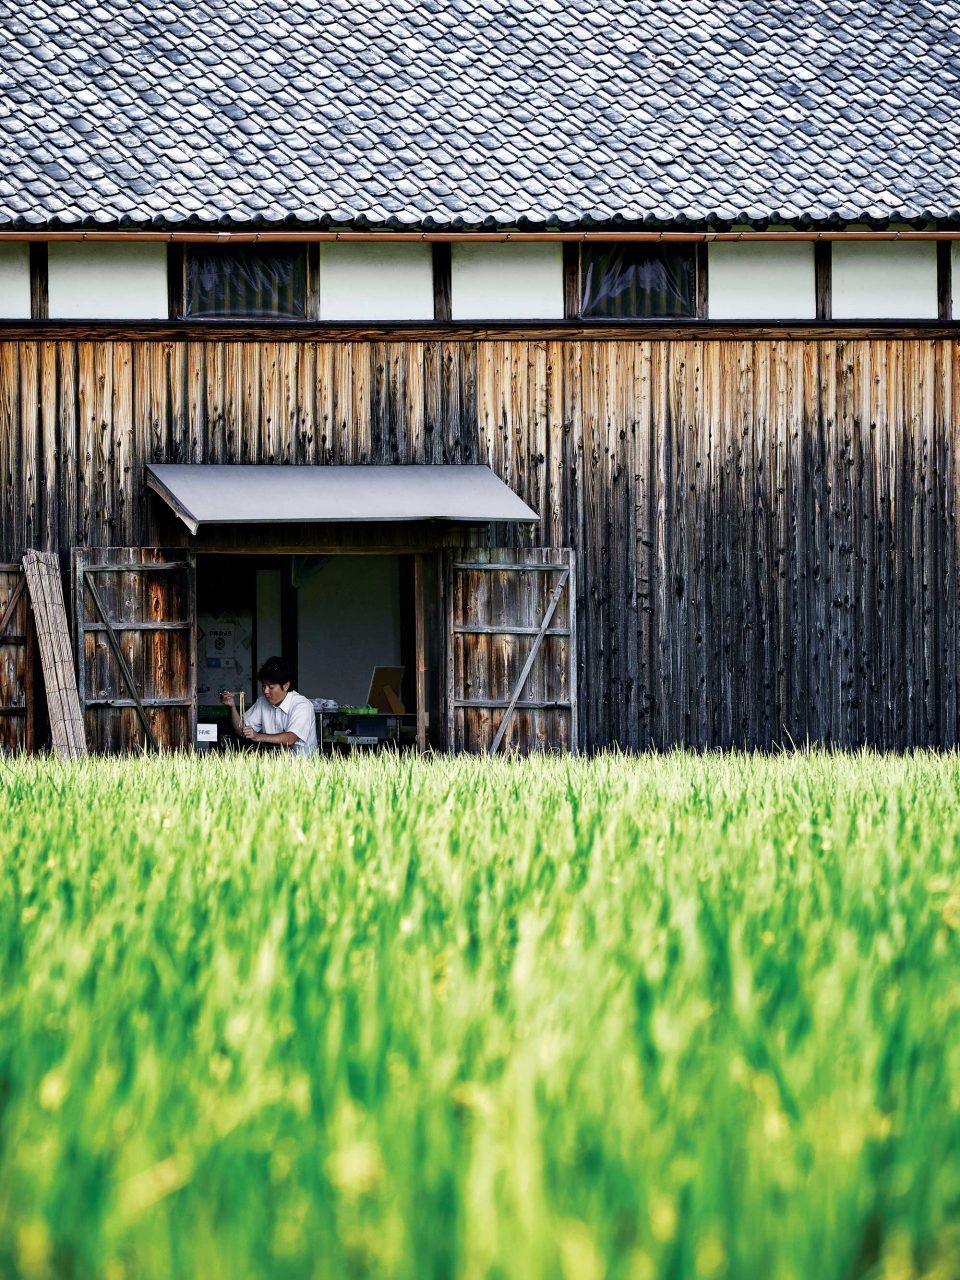 논 한가운데 있는 아야우타제면에서는 논밭을 바라보며 우동을 먹을 수 있다.